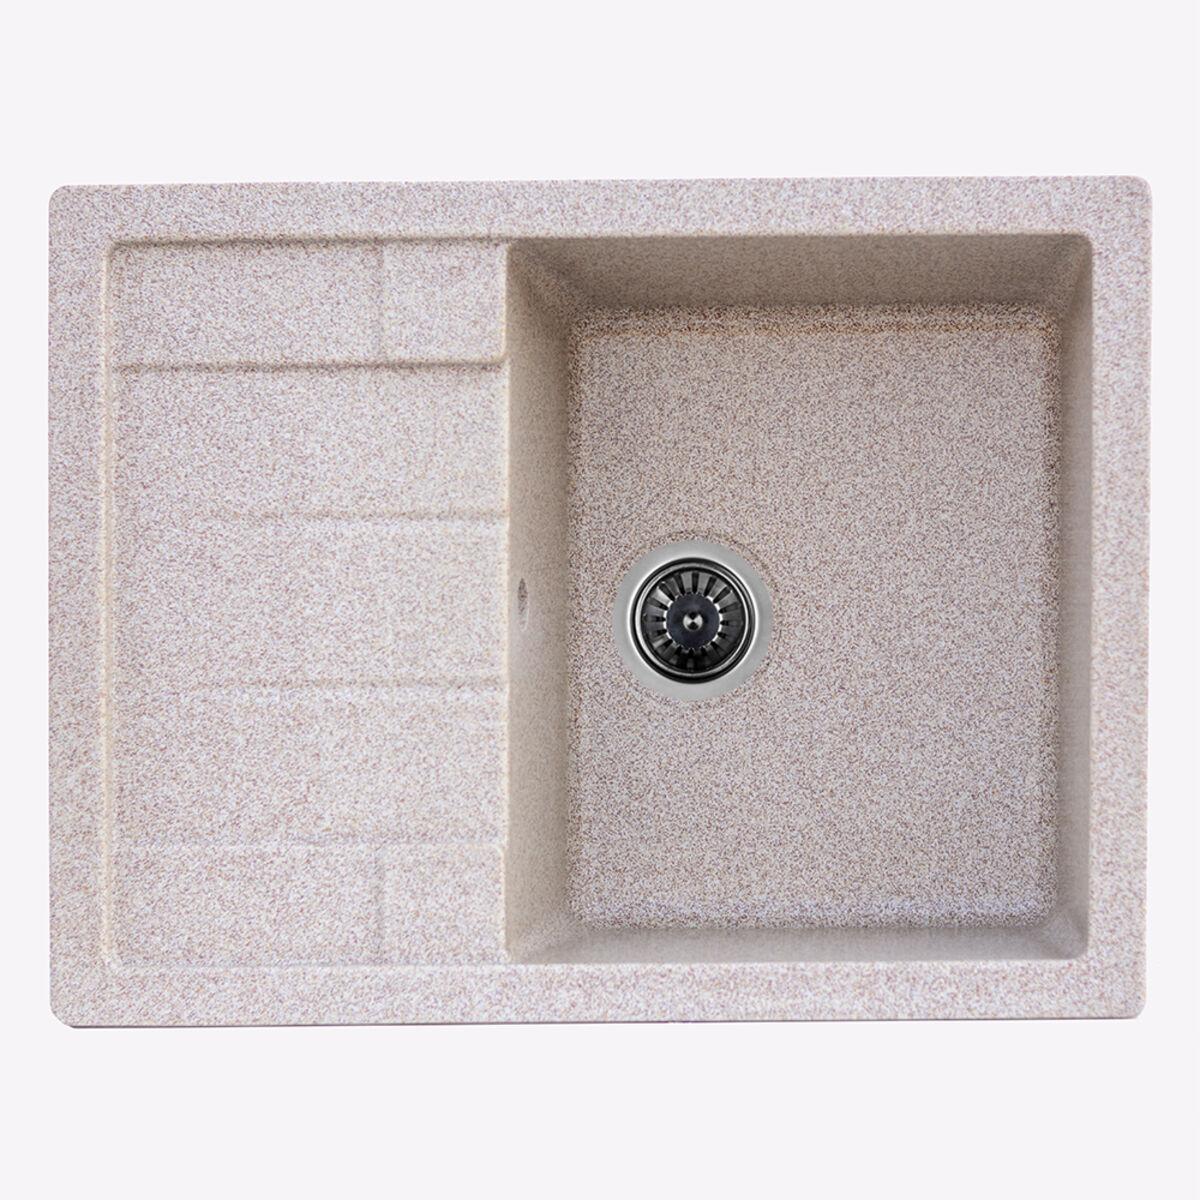 Гранитная мойка для кухни Platinum 6550 LOTOS глянец Карамель